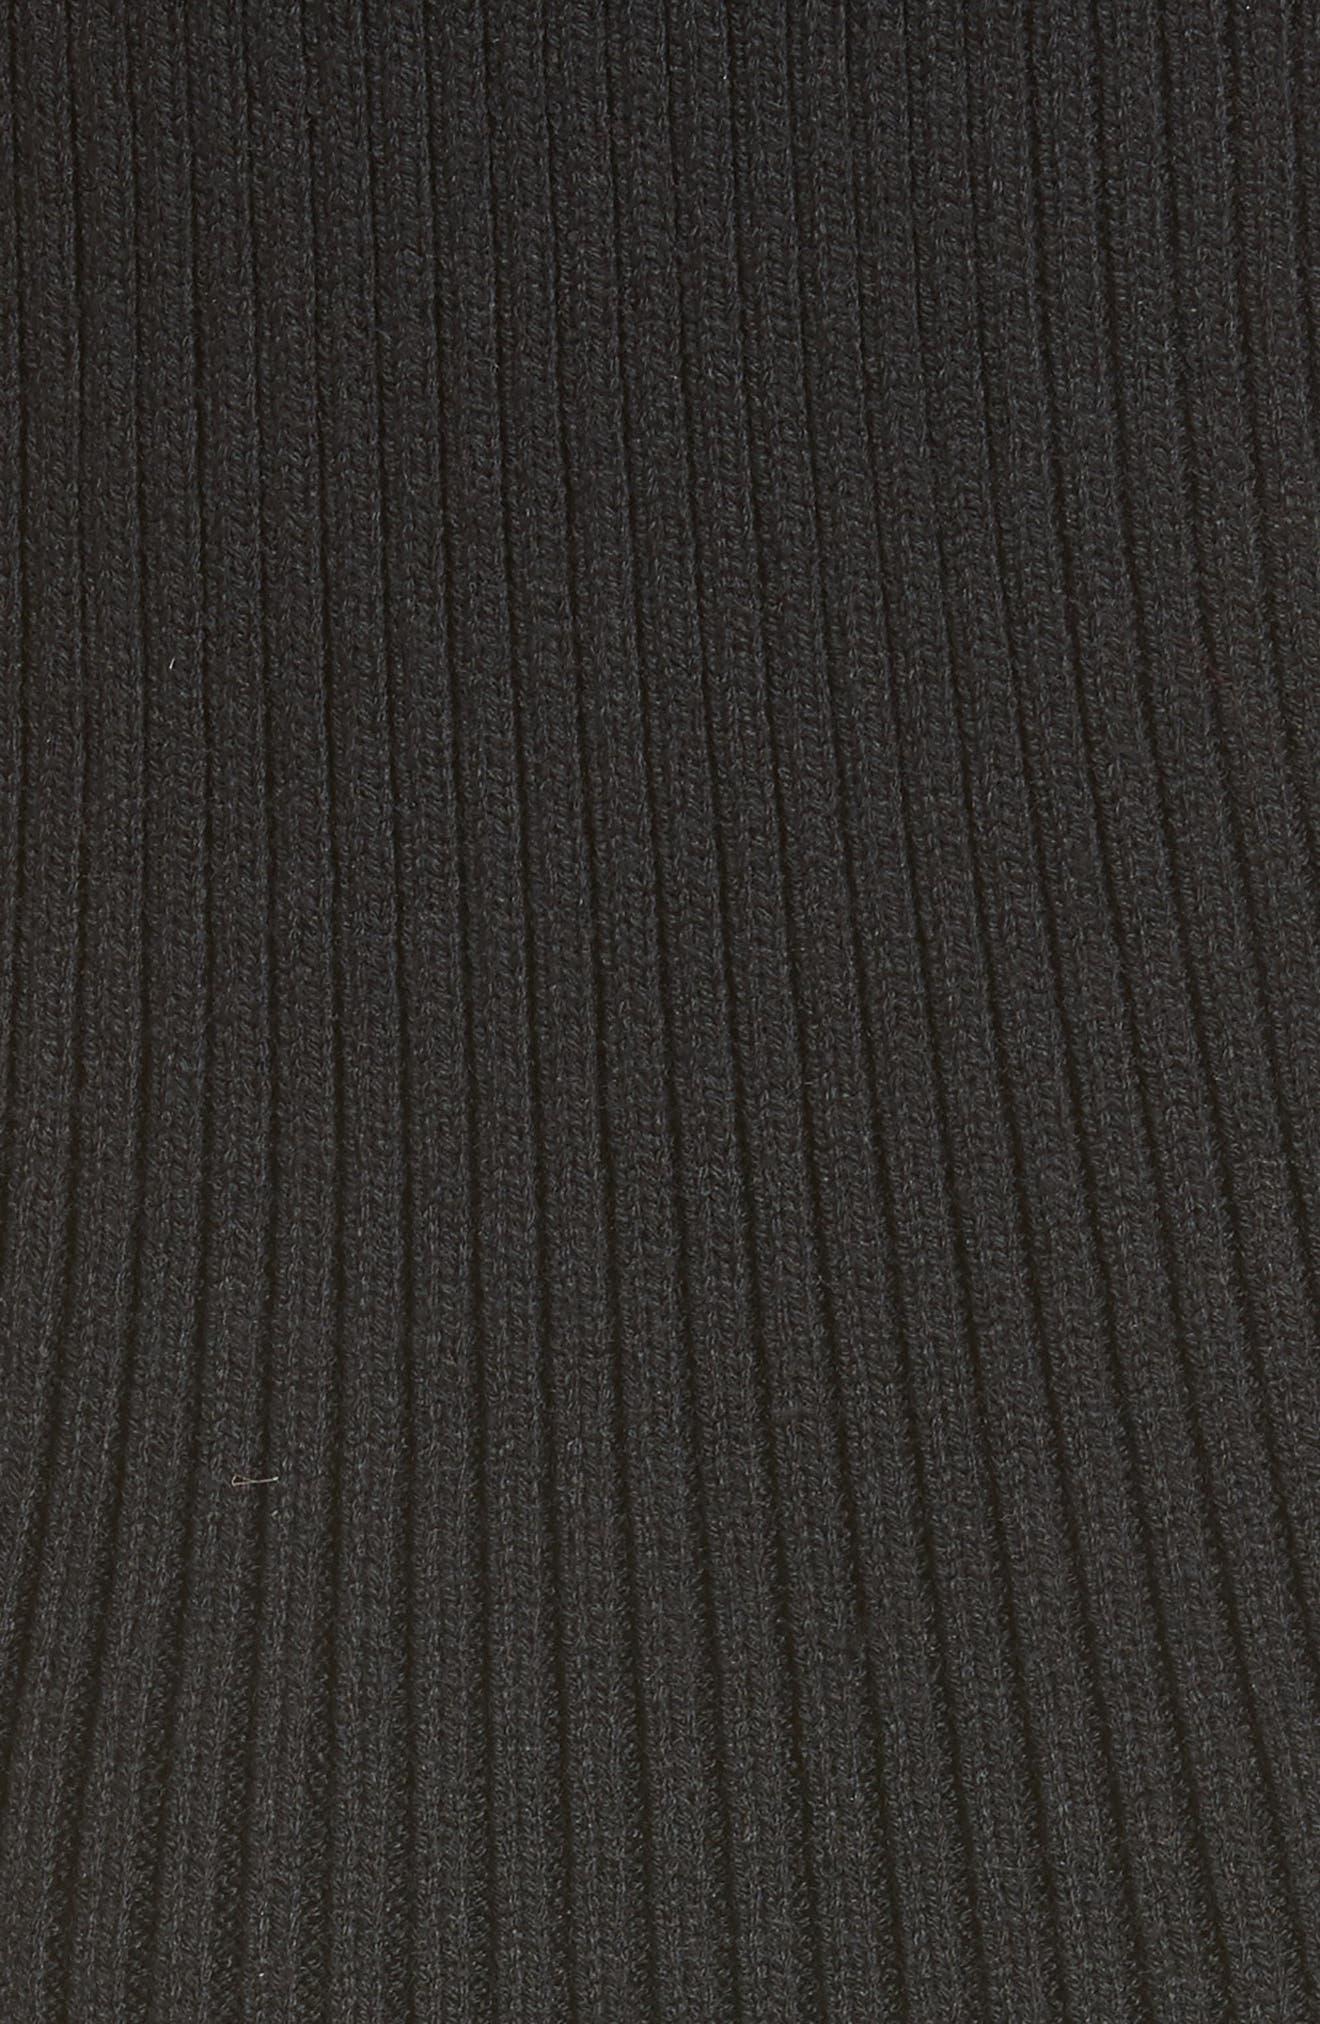 Serat Stripe Rib Knit Dress,                             Alternate thumbnail 5, color,                             001